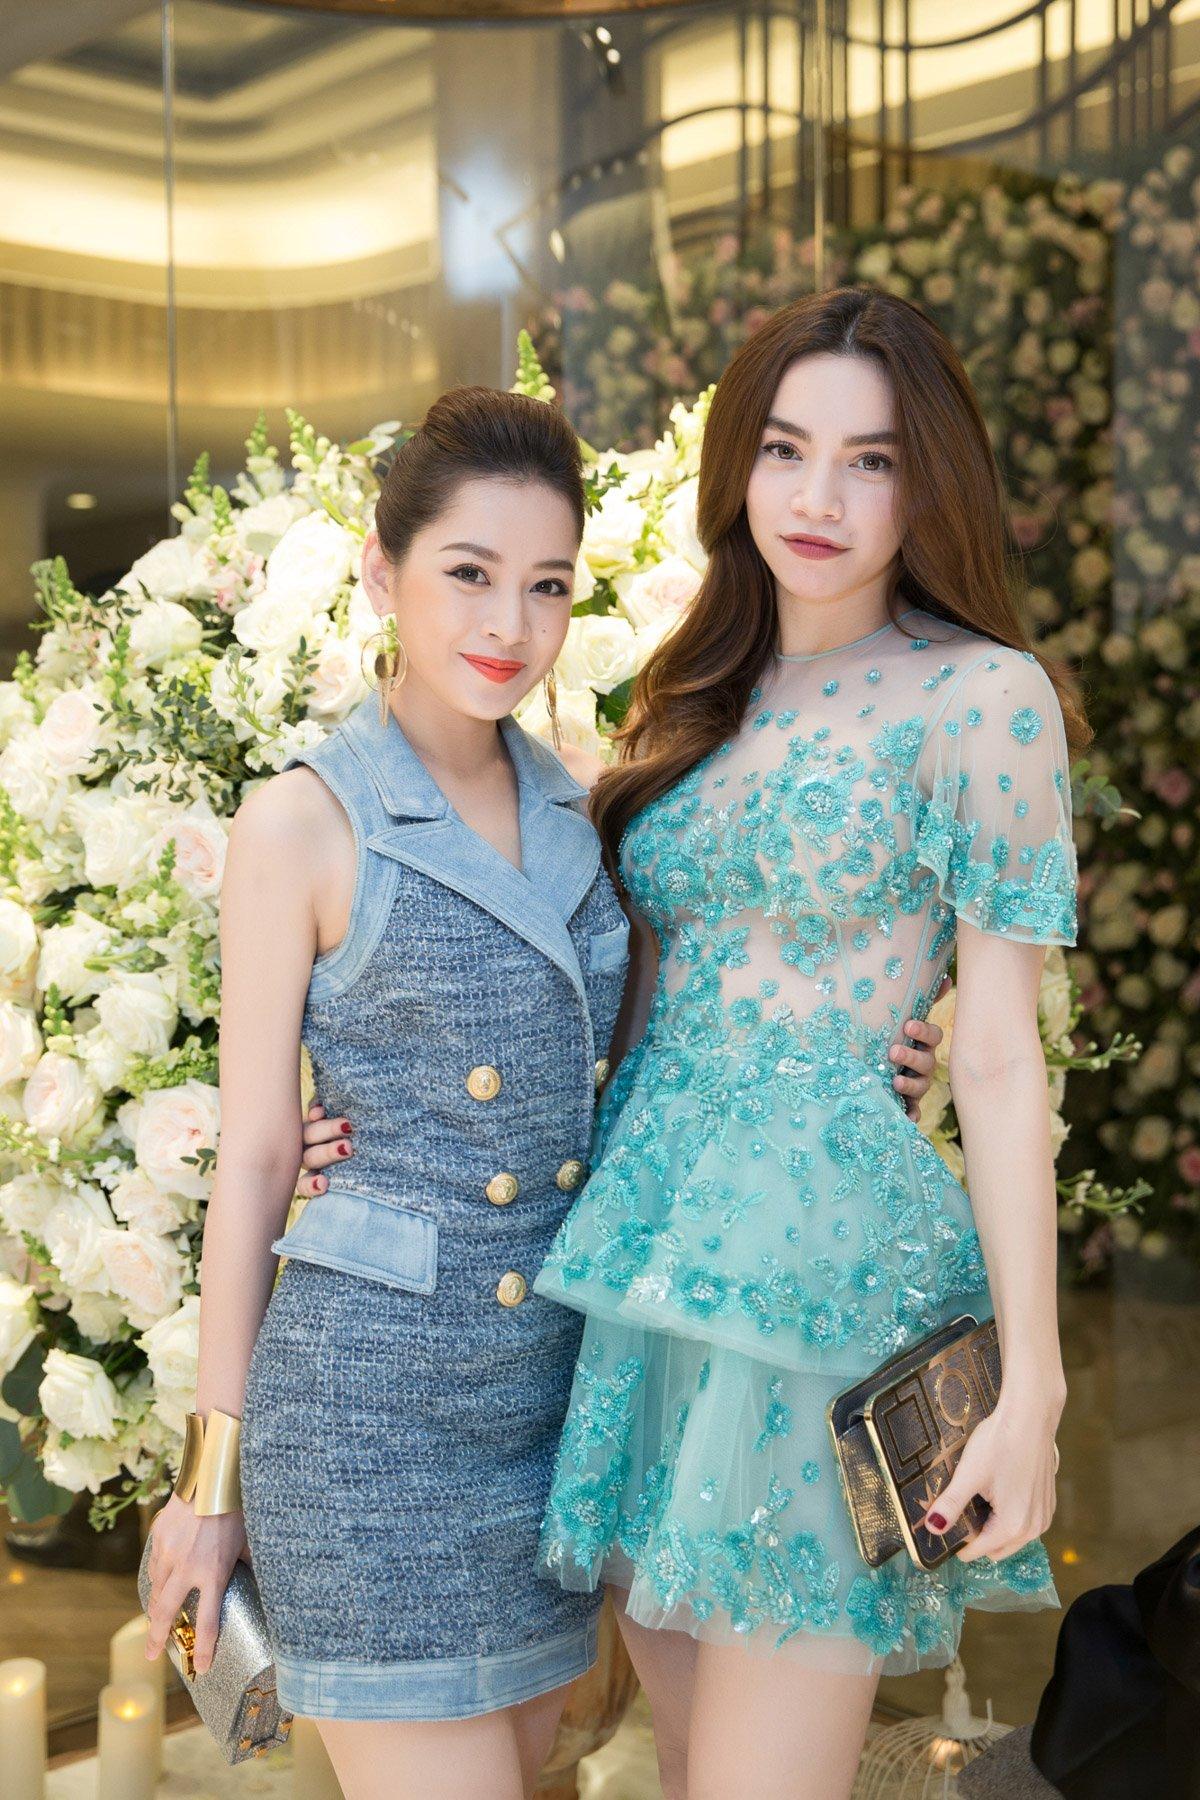 Hà Hồ, Chi Pu nổi bật dự sự kiện thời trang của bố mẹ chồng Hà Tăng 4